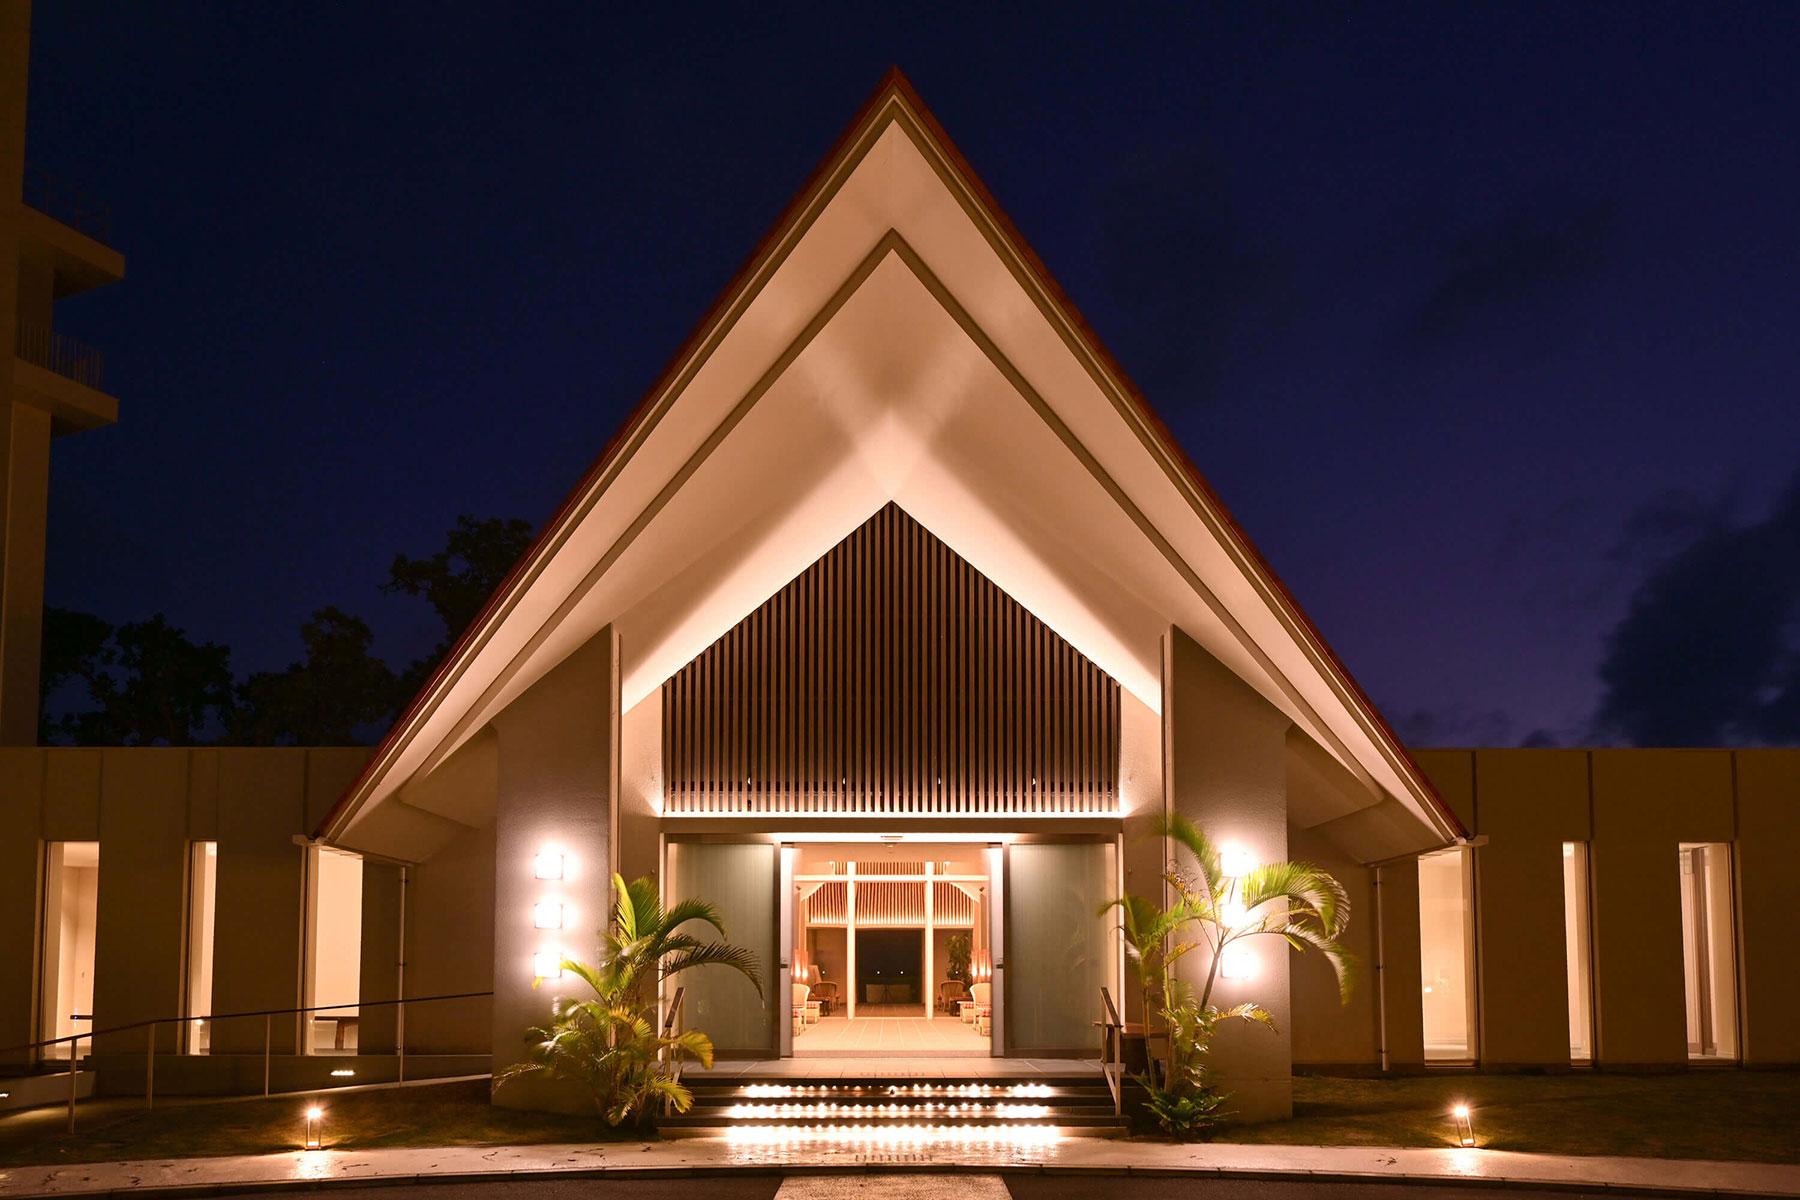 石垣島の美しい星空を守るため、光害に考慮した照明計画